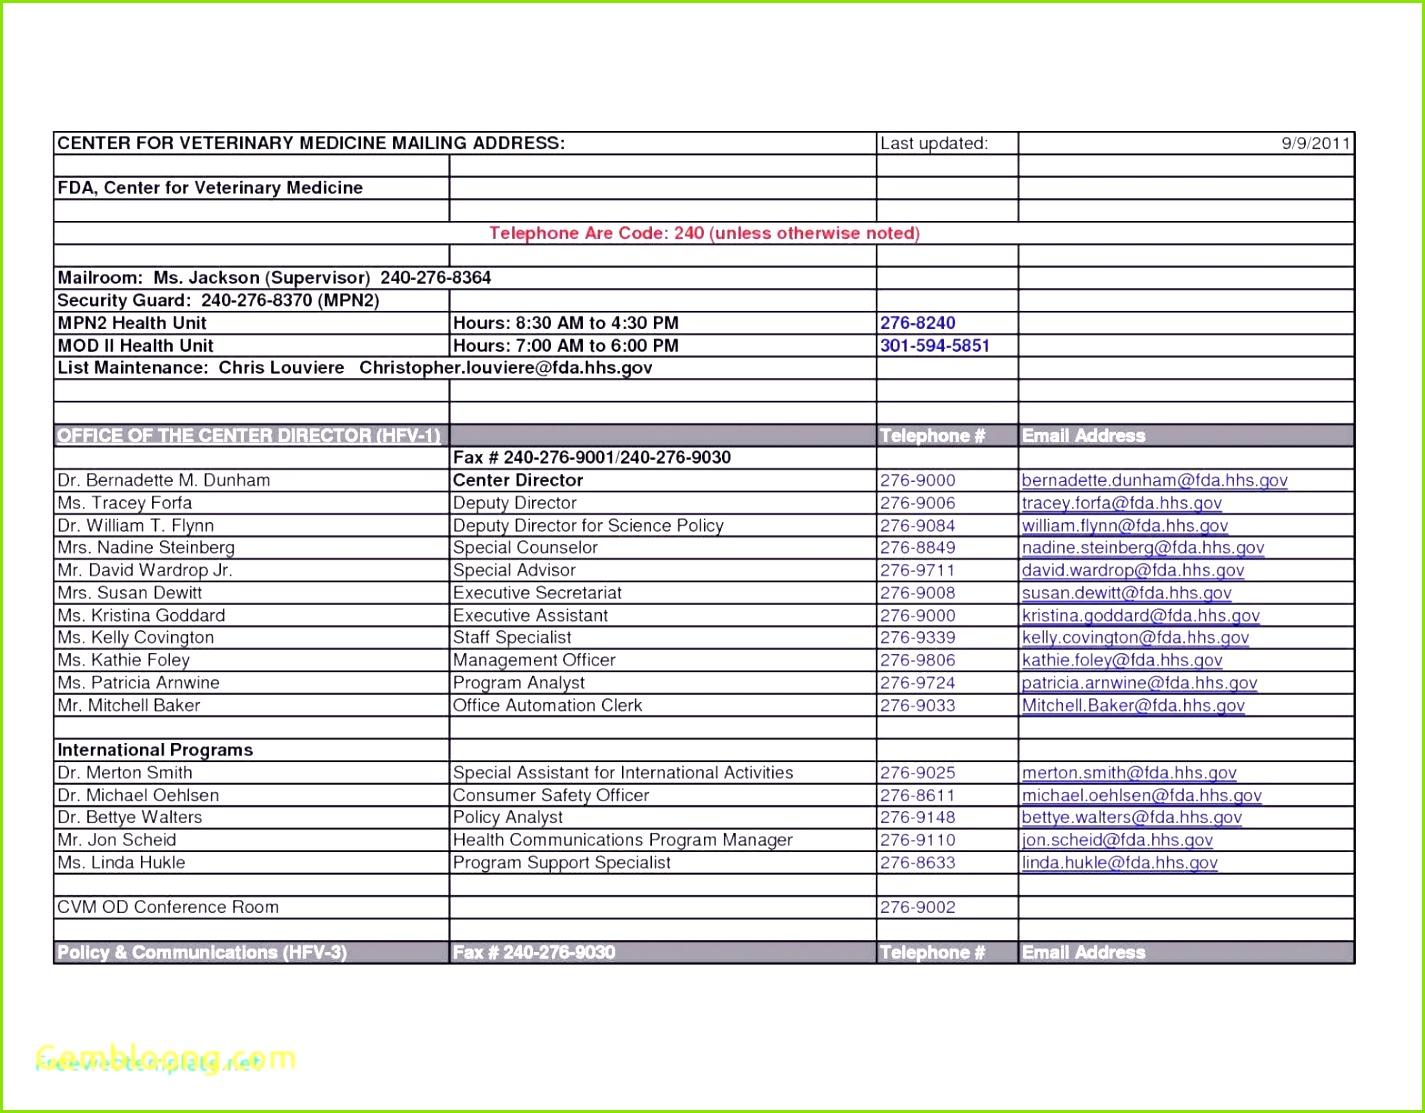 Gemütlich Epitaph Vorlage Bilder Beispiel Wiederaufnahme Vorlagen Muster Kündigung Krankenkasse Datev Vorlage Zur Dokumentation Der Taglichen